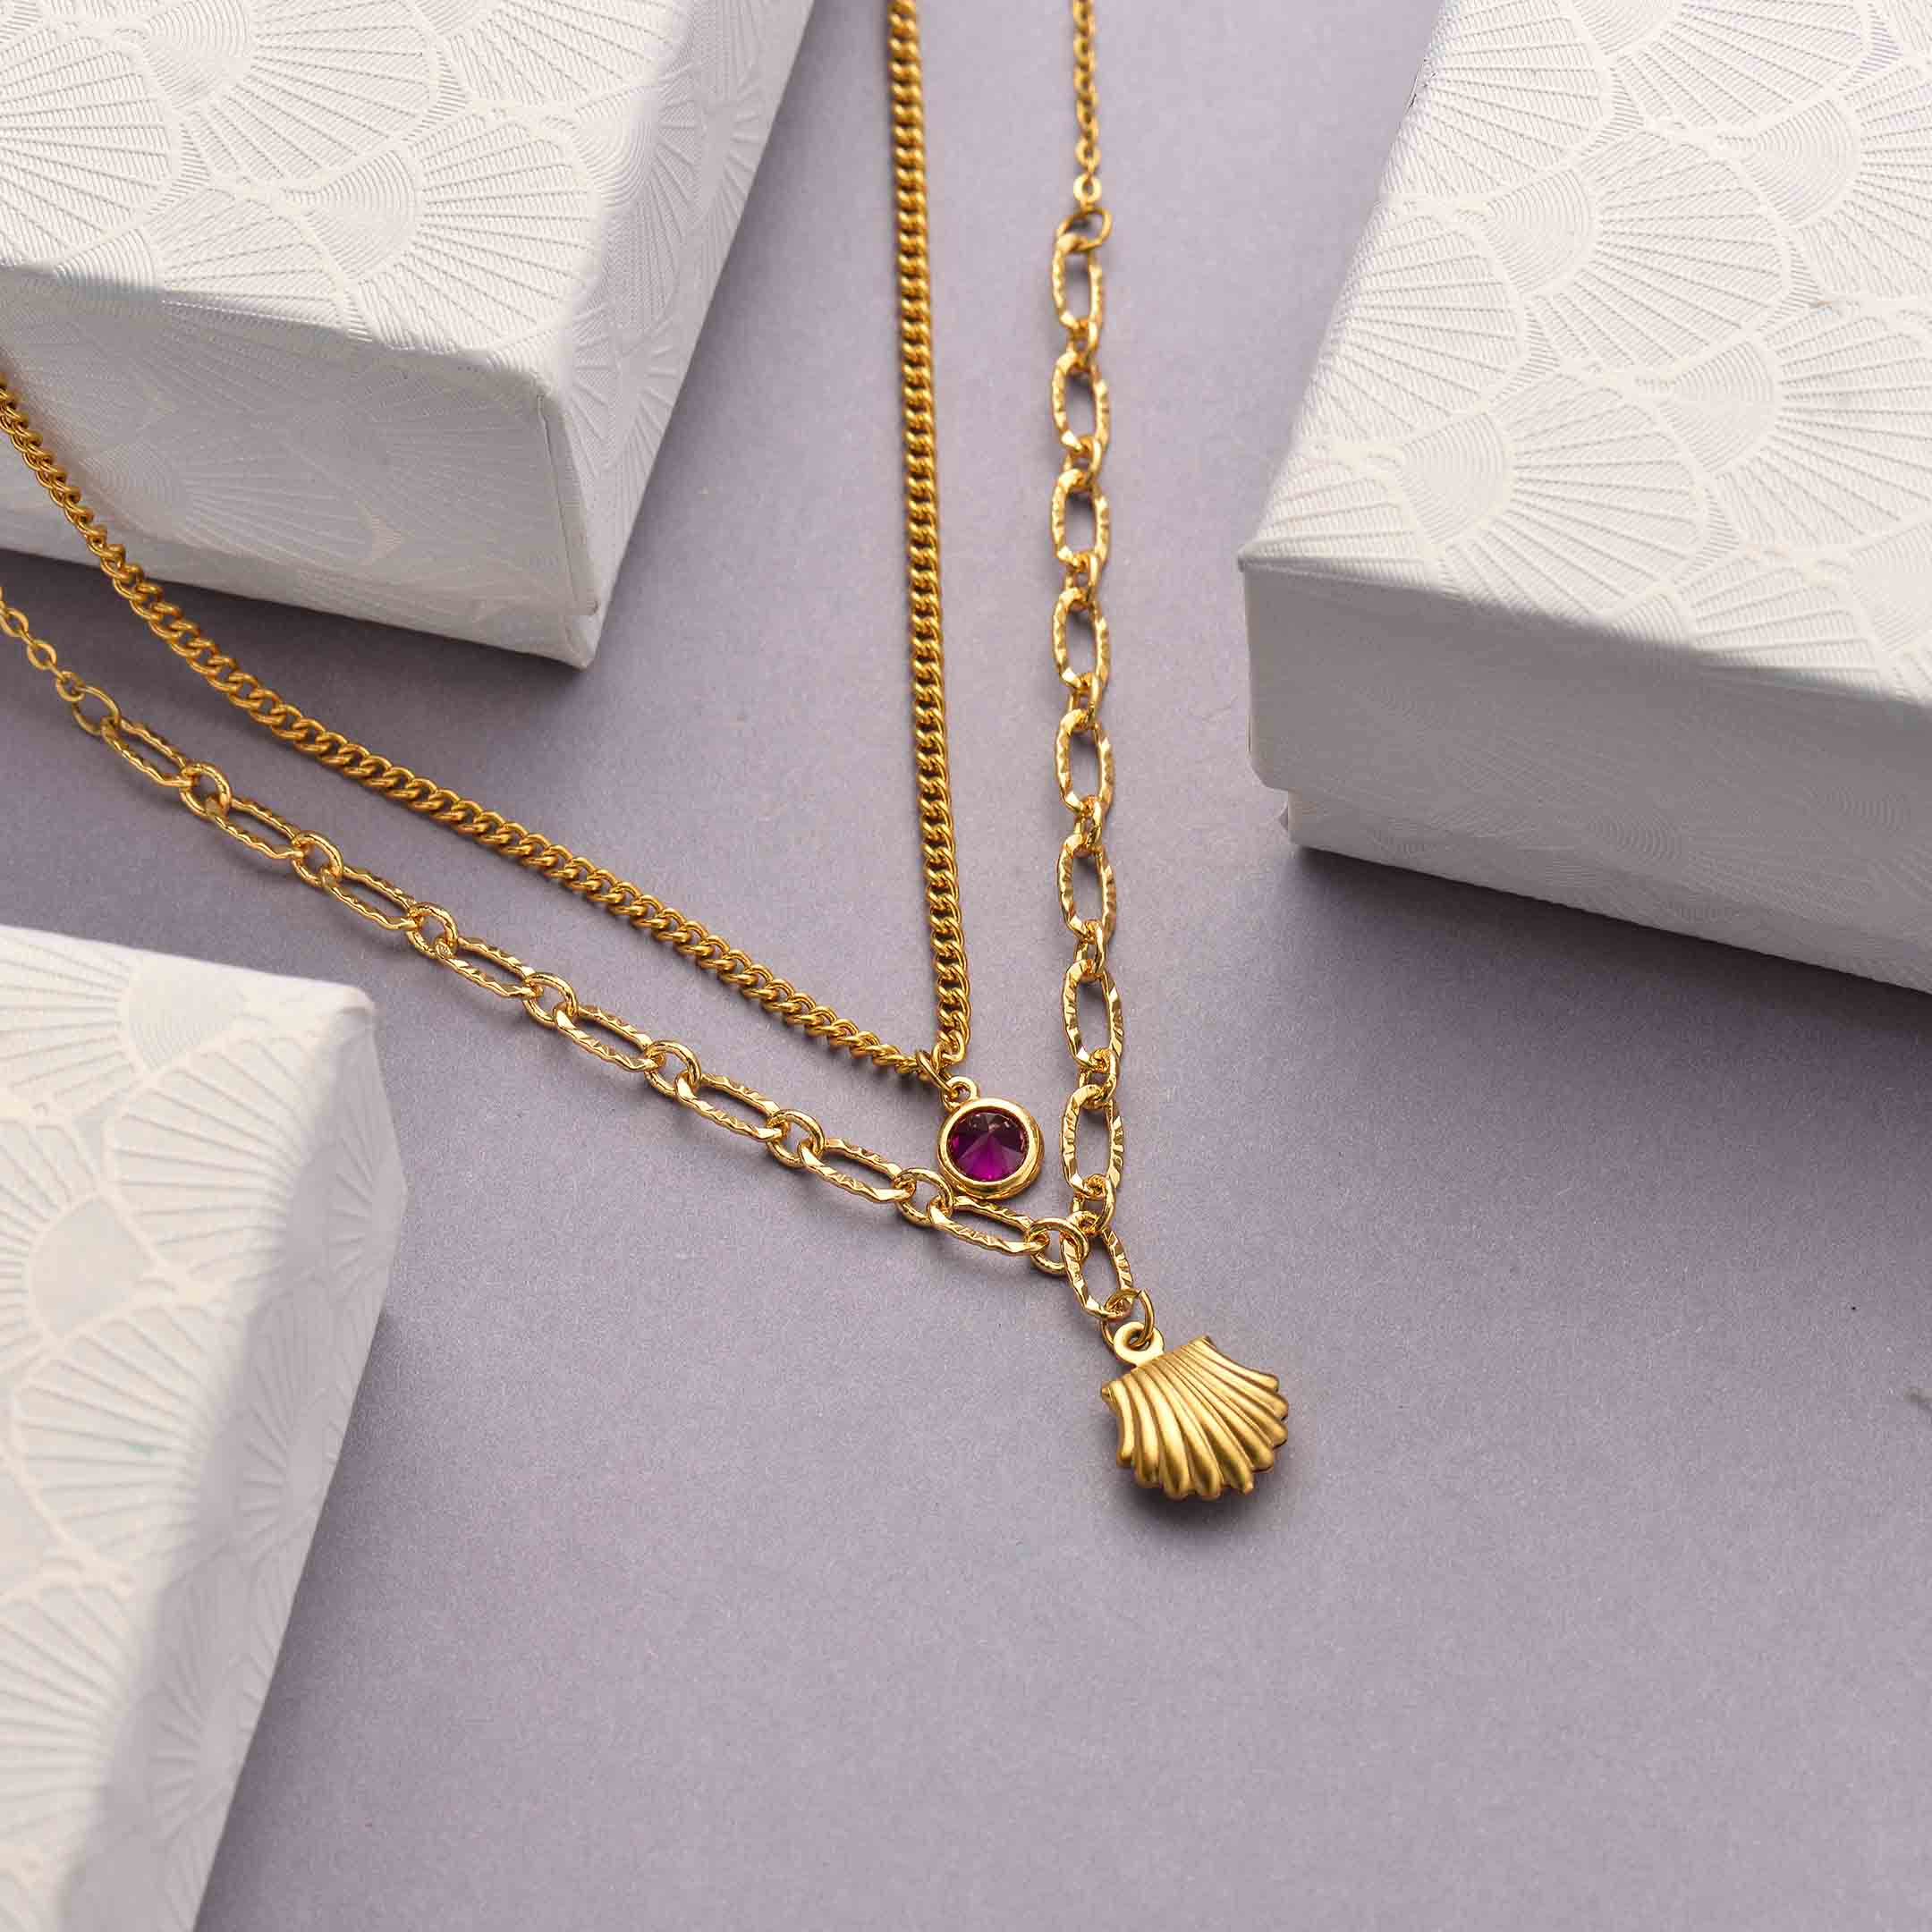 Collares de Acero Inoxidable para Mujer al por Mayor -SSNEG142-33802